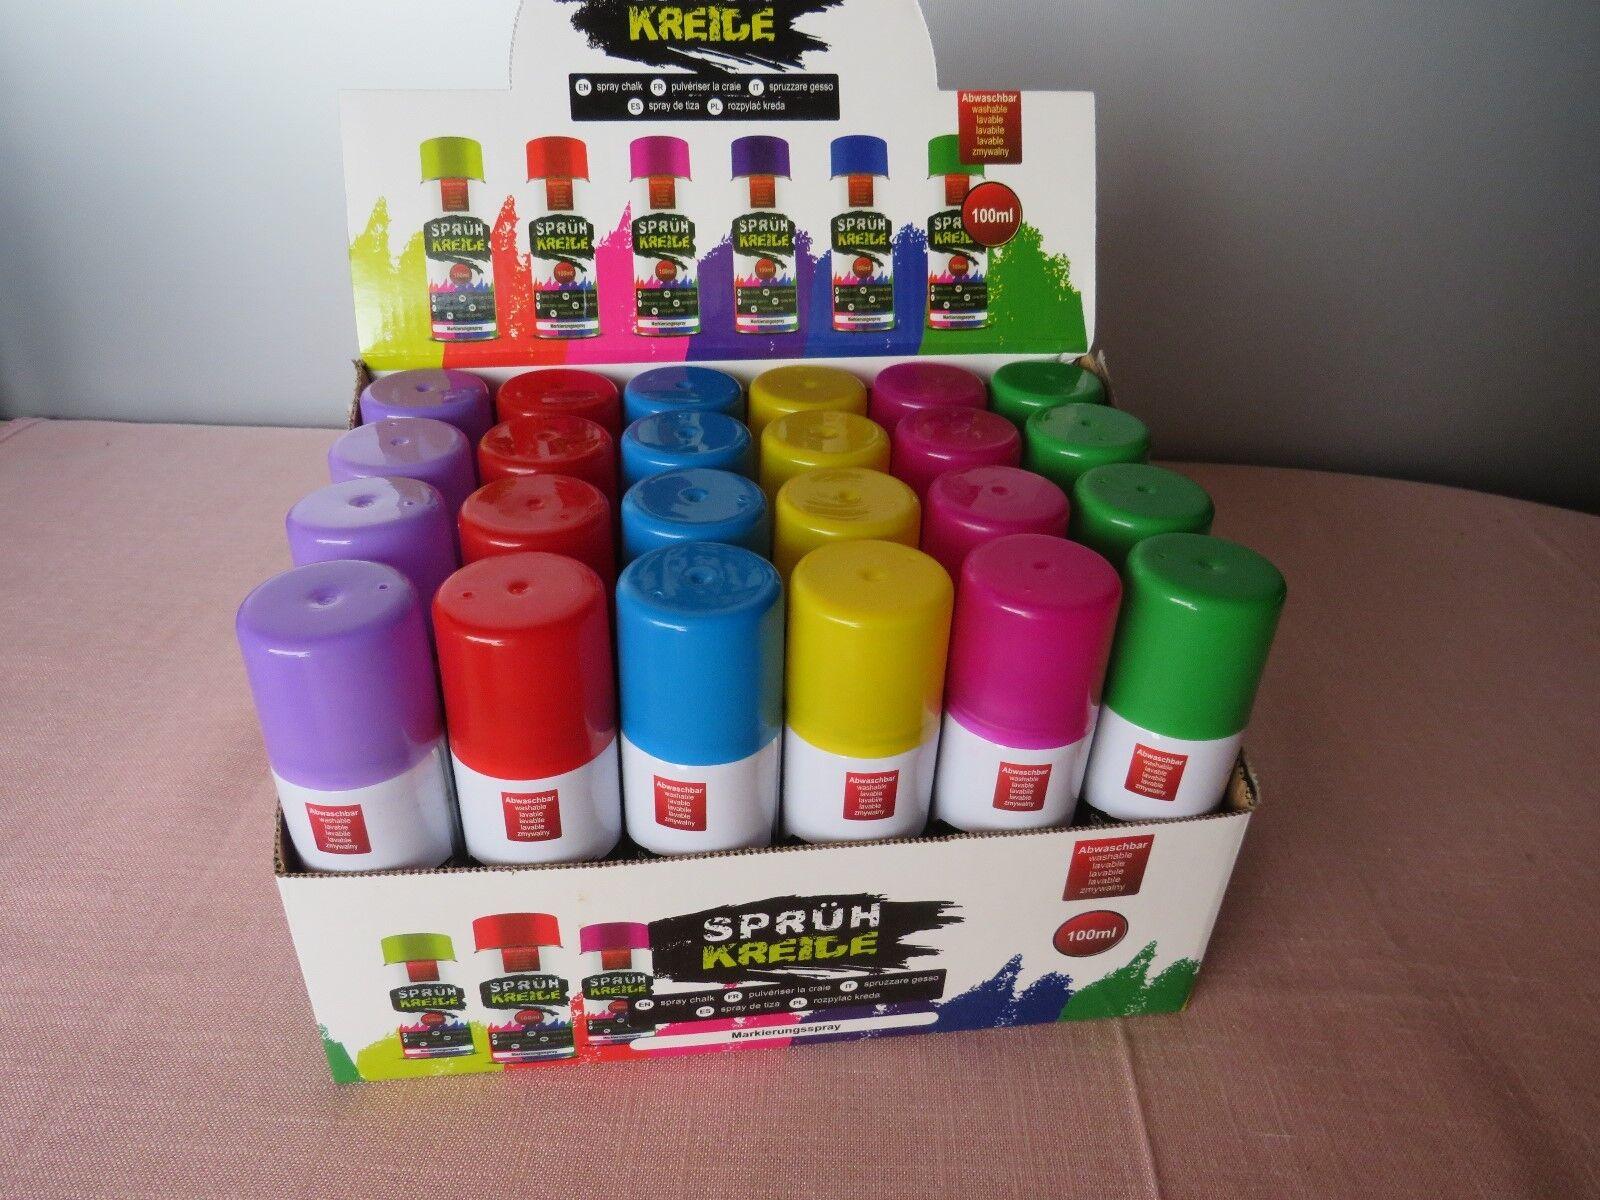 6 X  Flaschen Sprühkreide Straßenkreide mit Sprühkopf wasserlöslich